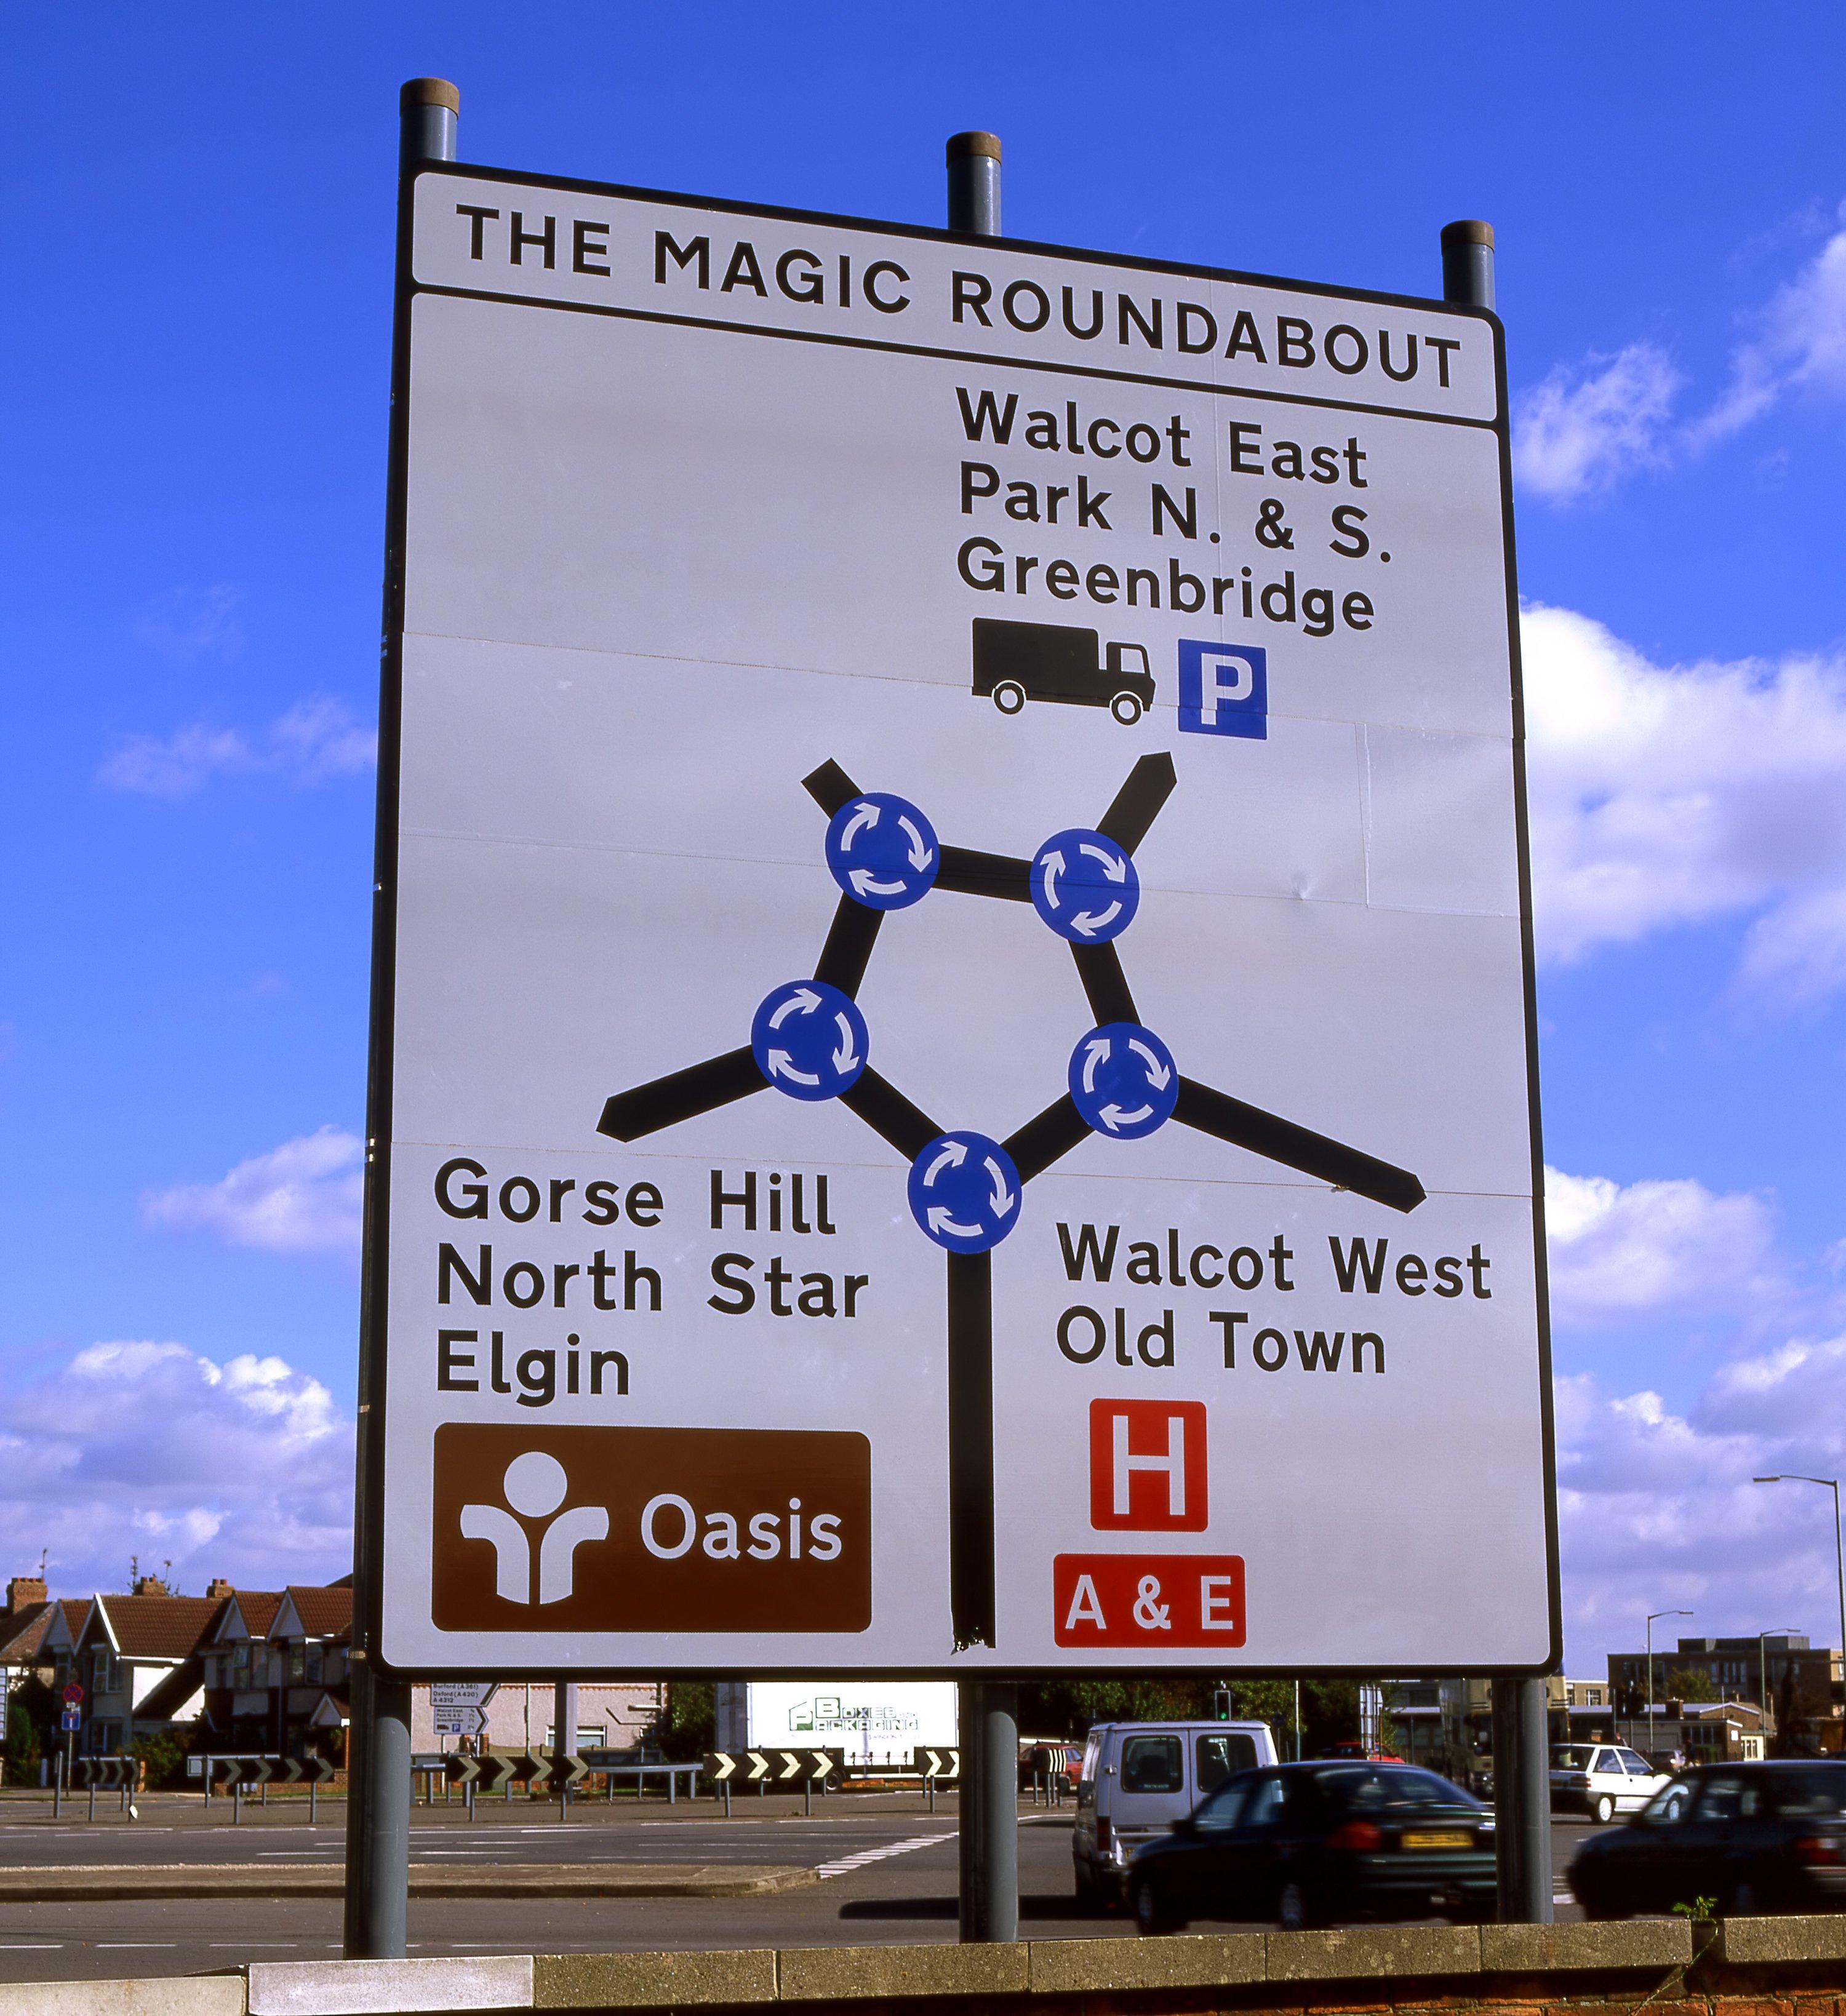 Der Magic Roundabout im englischen Swindon besteht aus einem großen Kreisverkehr und fünf kleineren Kreisverkehren um ihn herum.